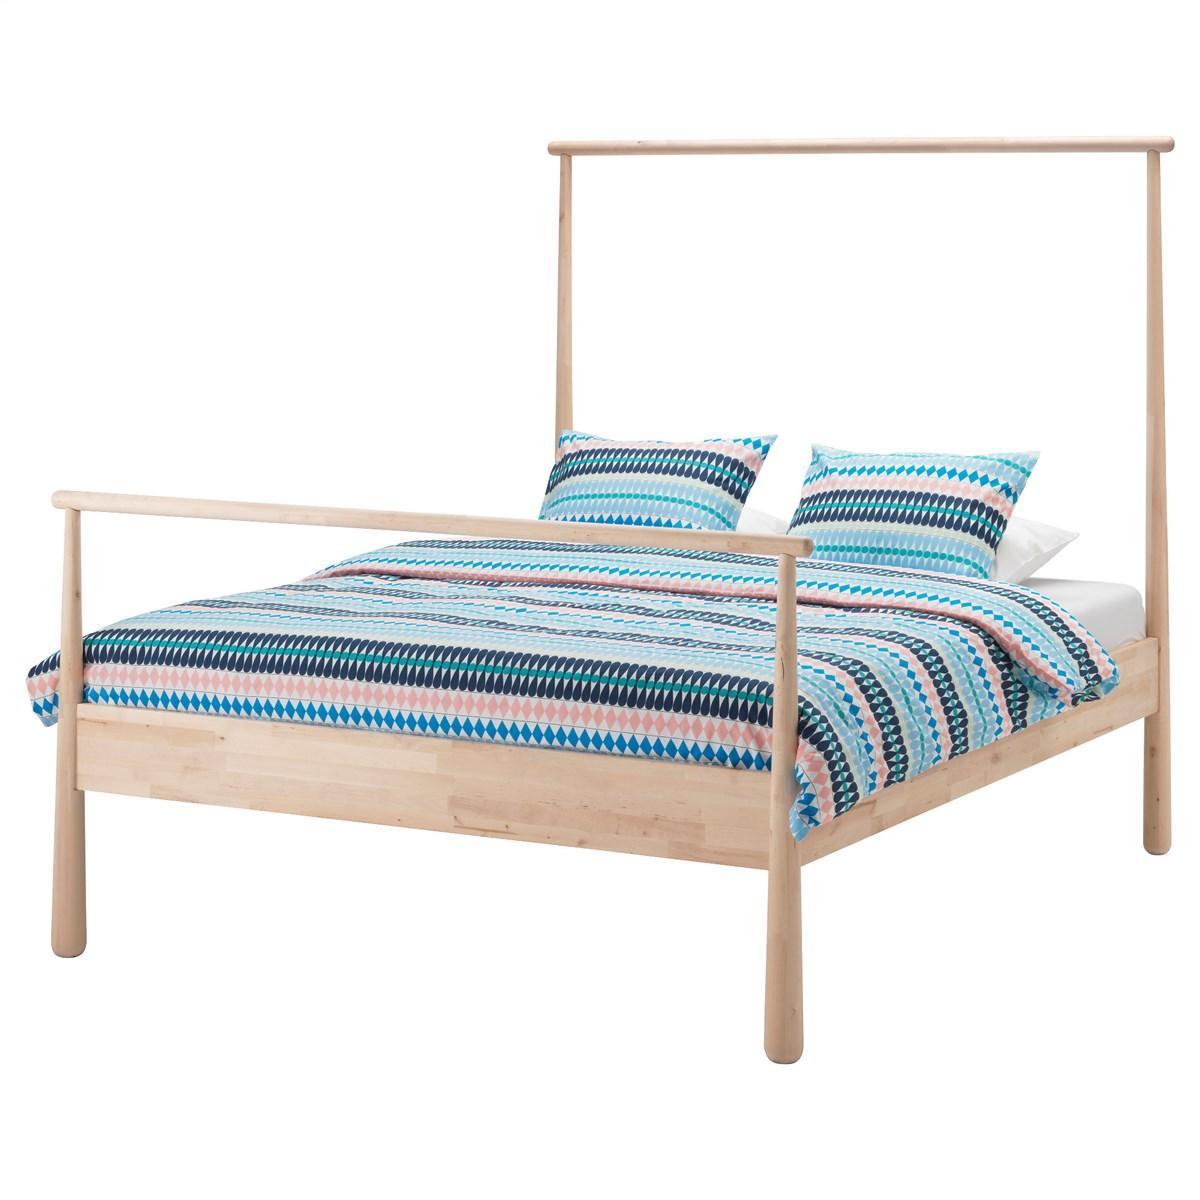 каркас кровати Ikea Gjöra 160x200 см 39129993 купить в киеве